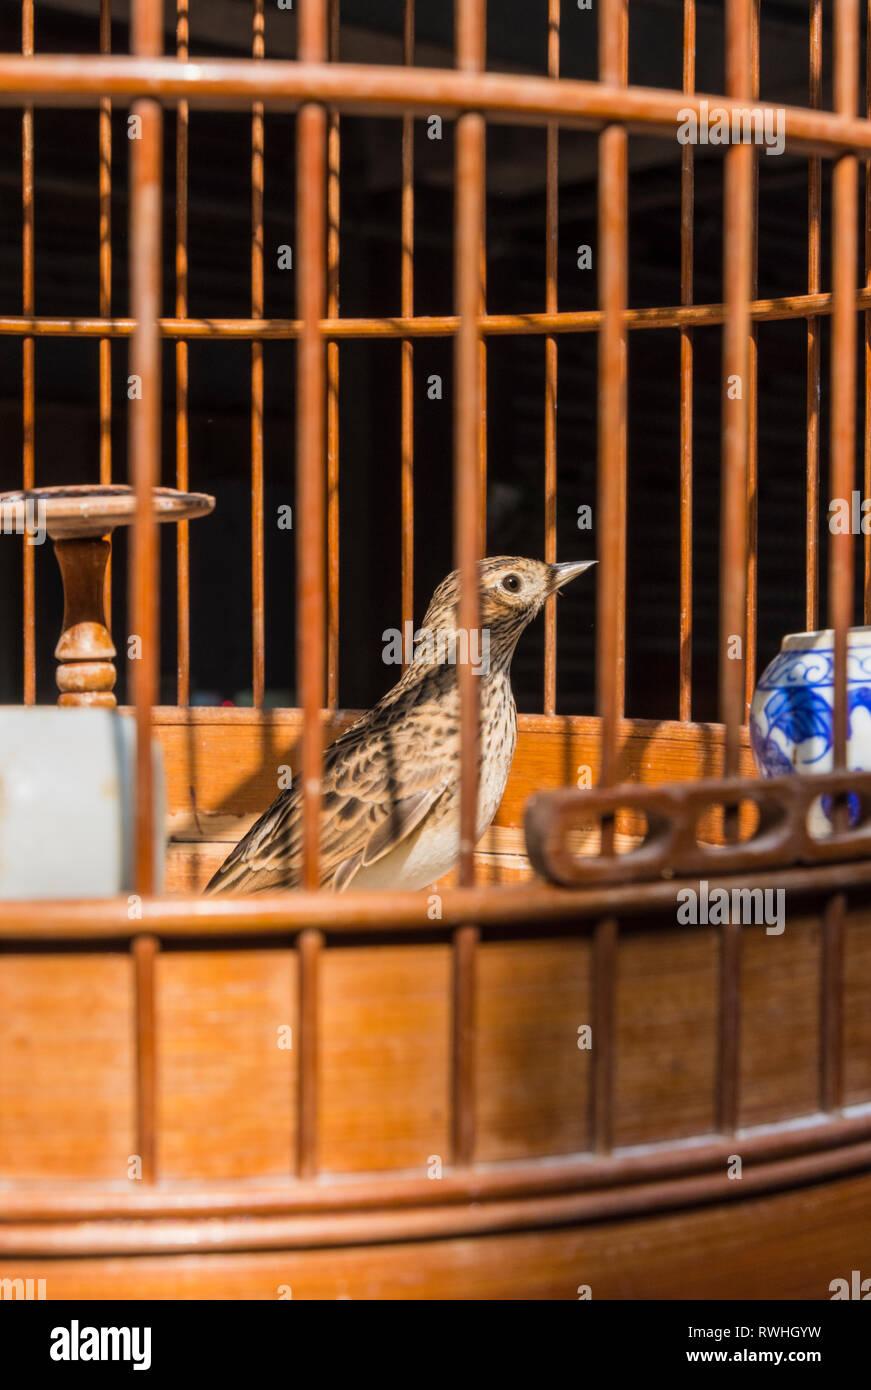 Bird in a cage at the Yuen Po Street Bird Garden in Mong Kok, Hong Kong - Stock Image